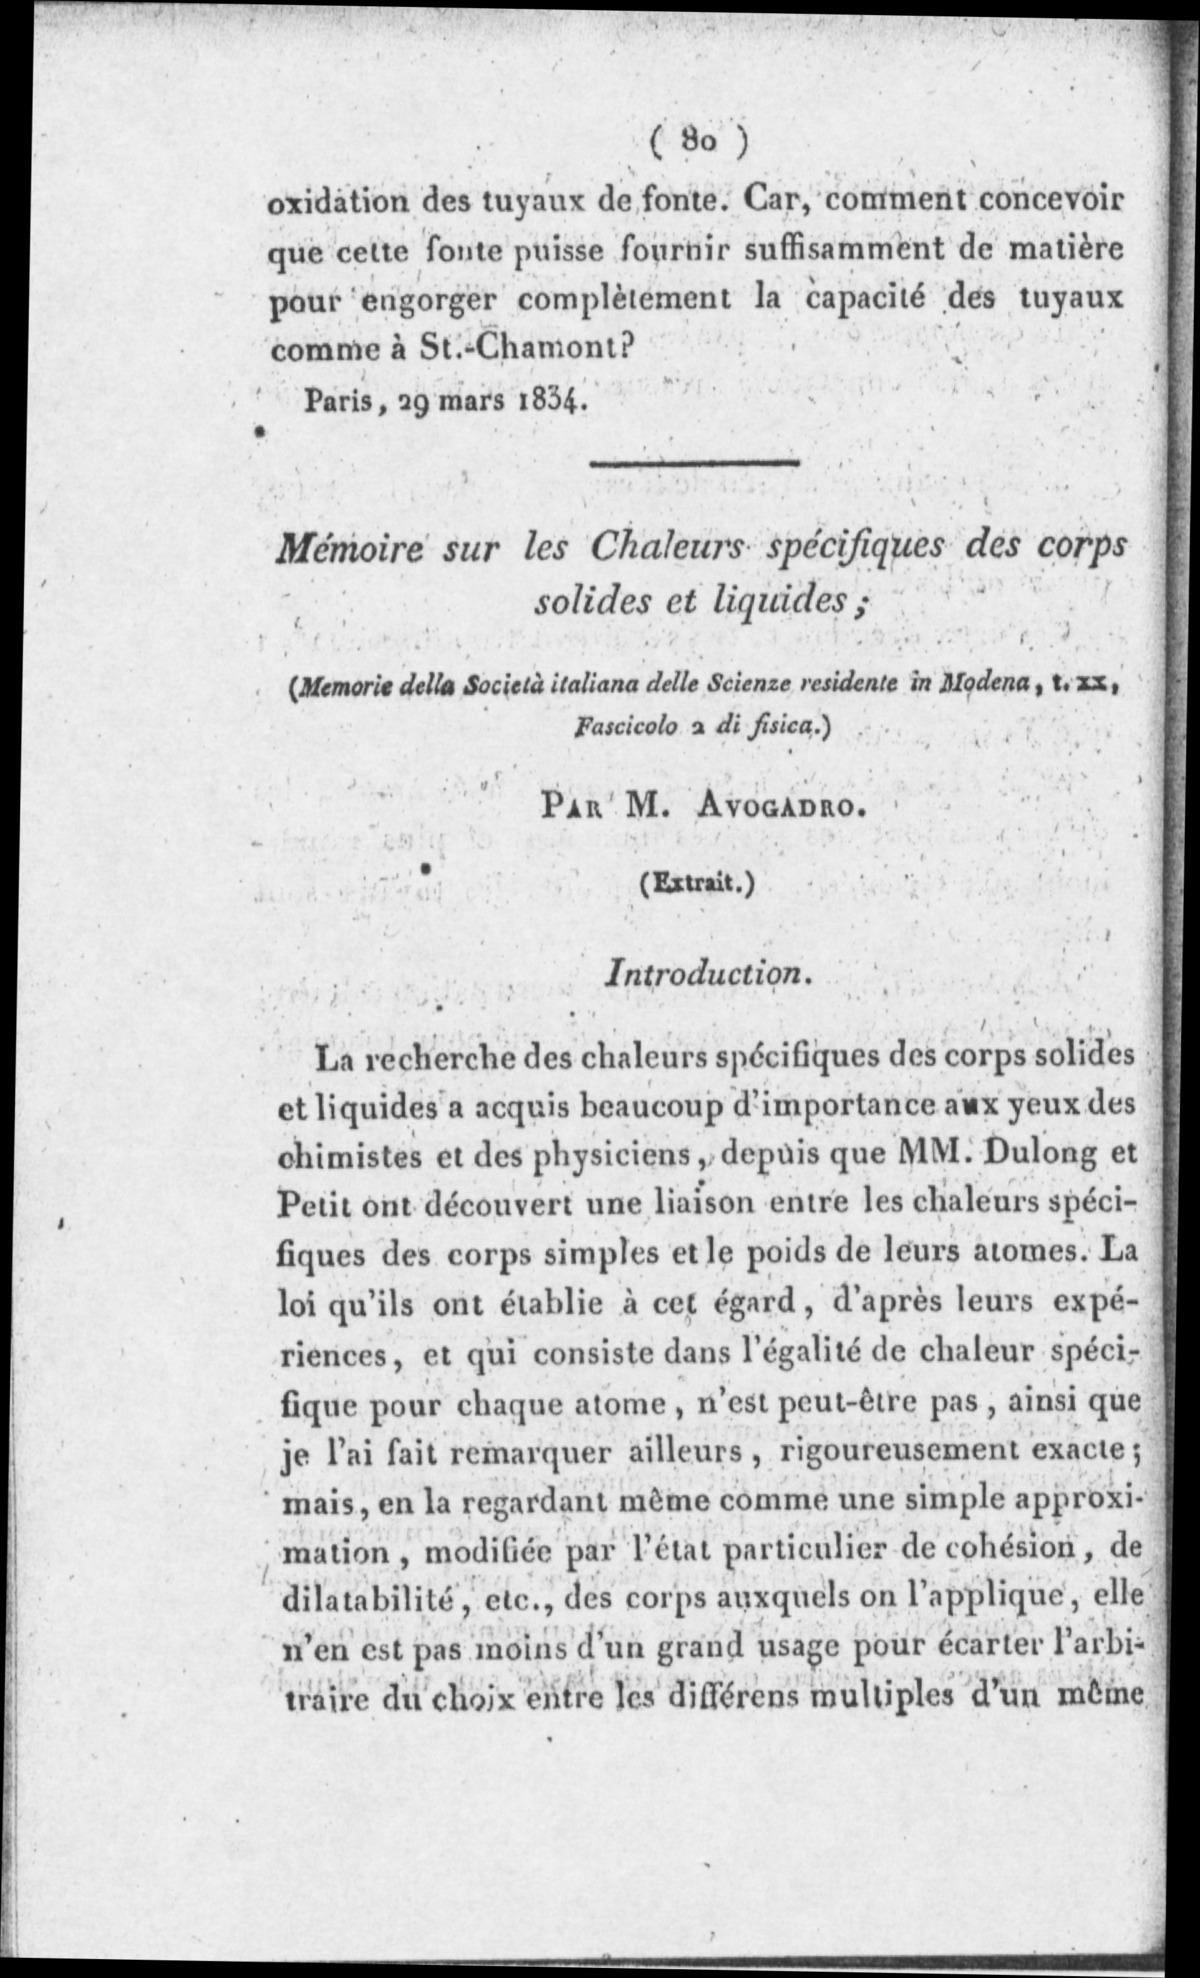 Avogadro - Mémoire sur les chaleurs spécifiques des corps solides et liquides, 1833 - 6060053 TOAS005003 00003.tif